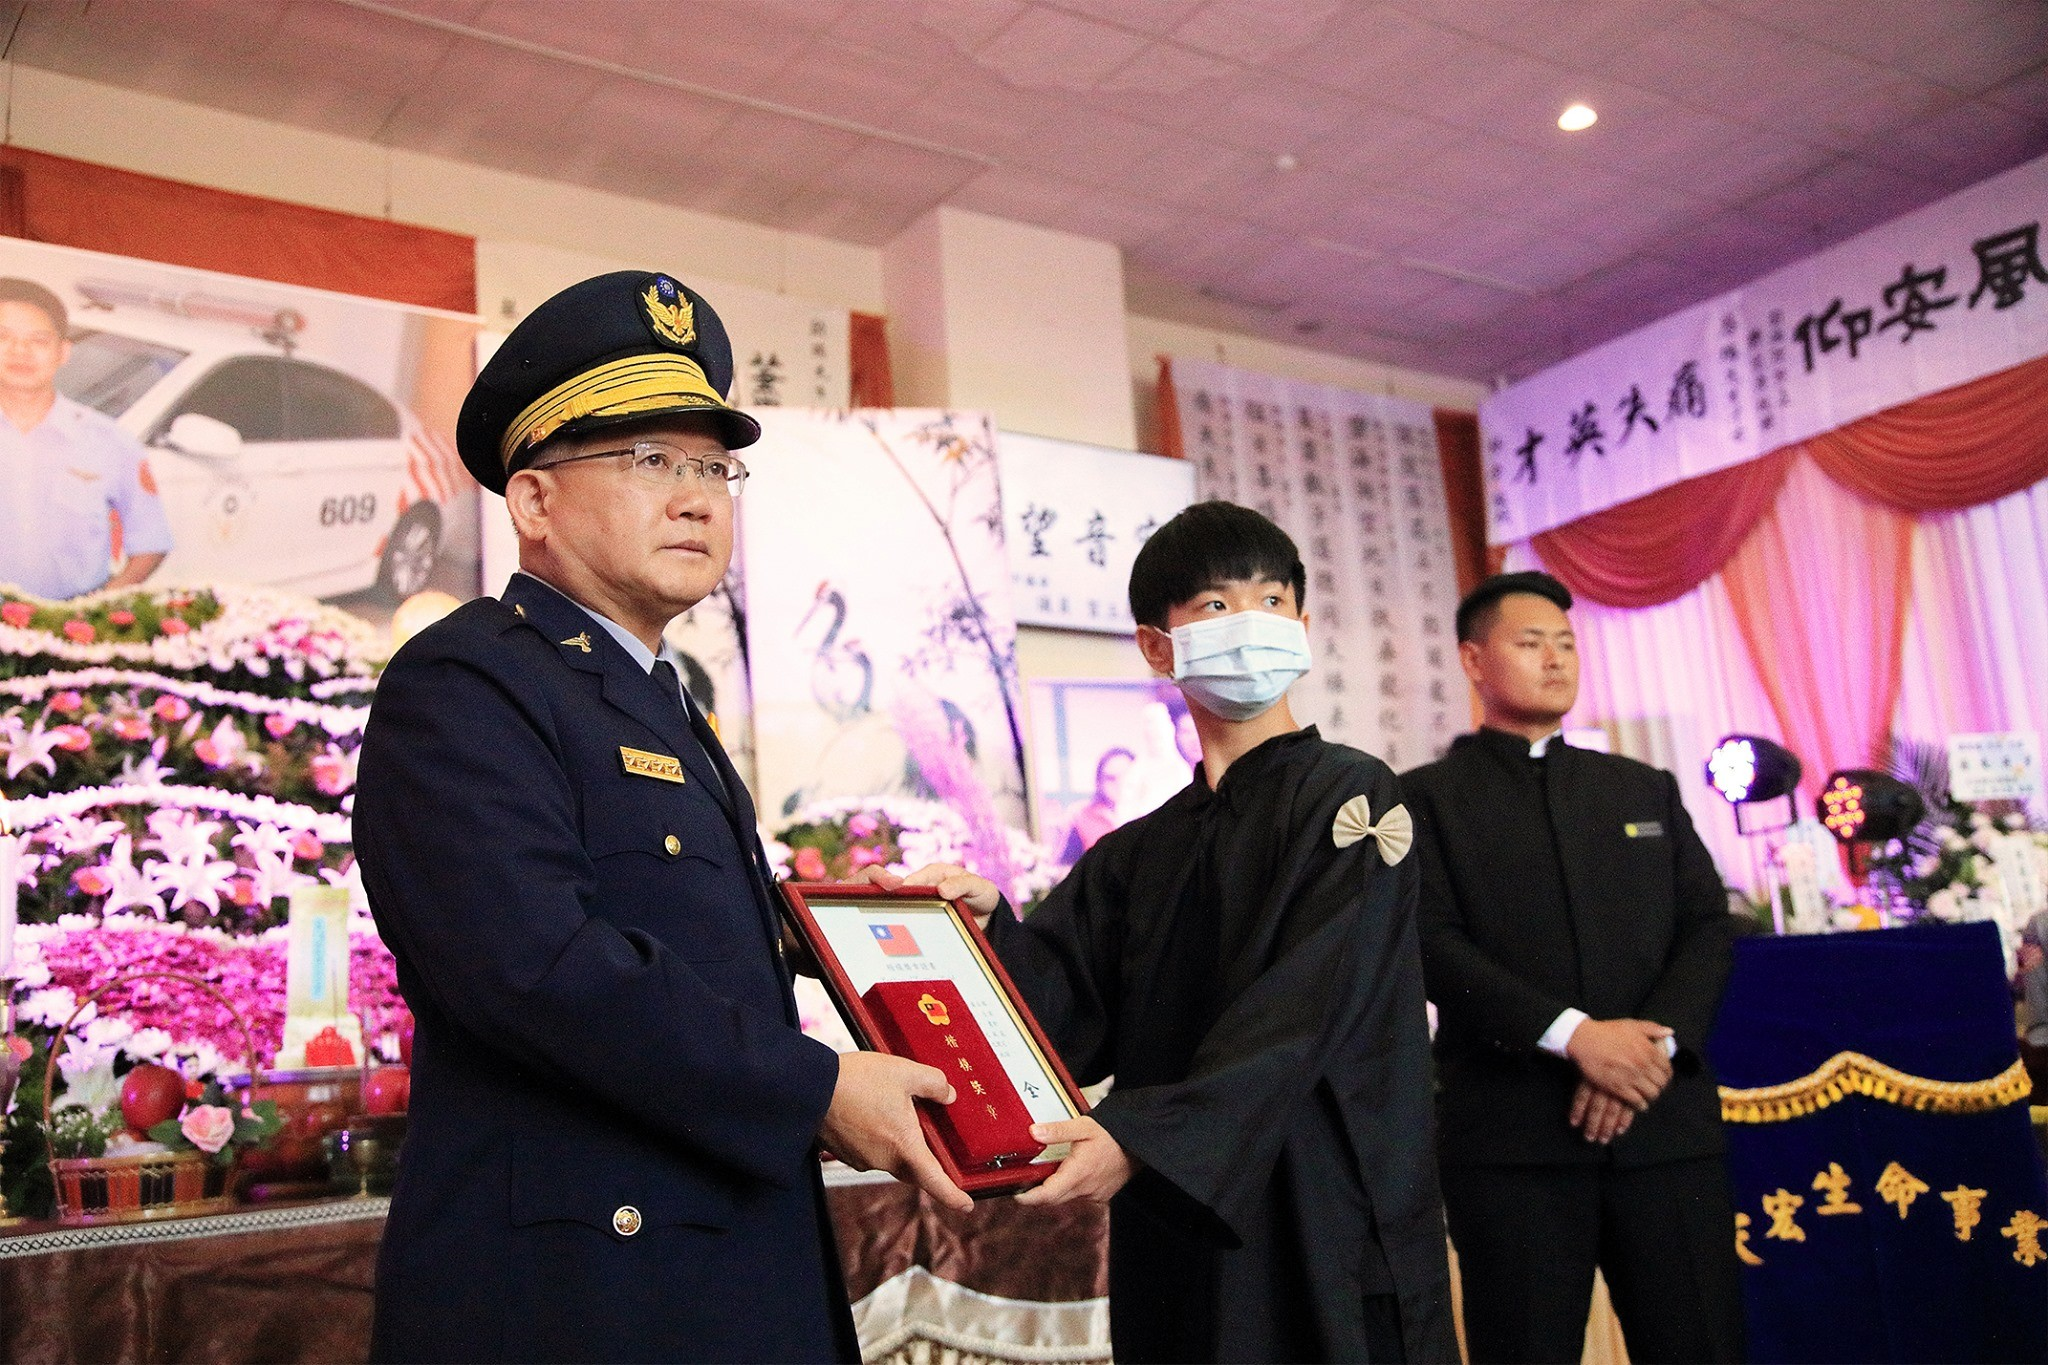 警政署長陳國恩出席國道警察陳啟瑞的告別式。(圖/翻攝「NPA 署長室」臉書粉專)